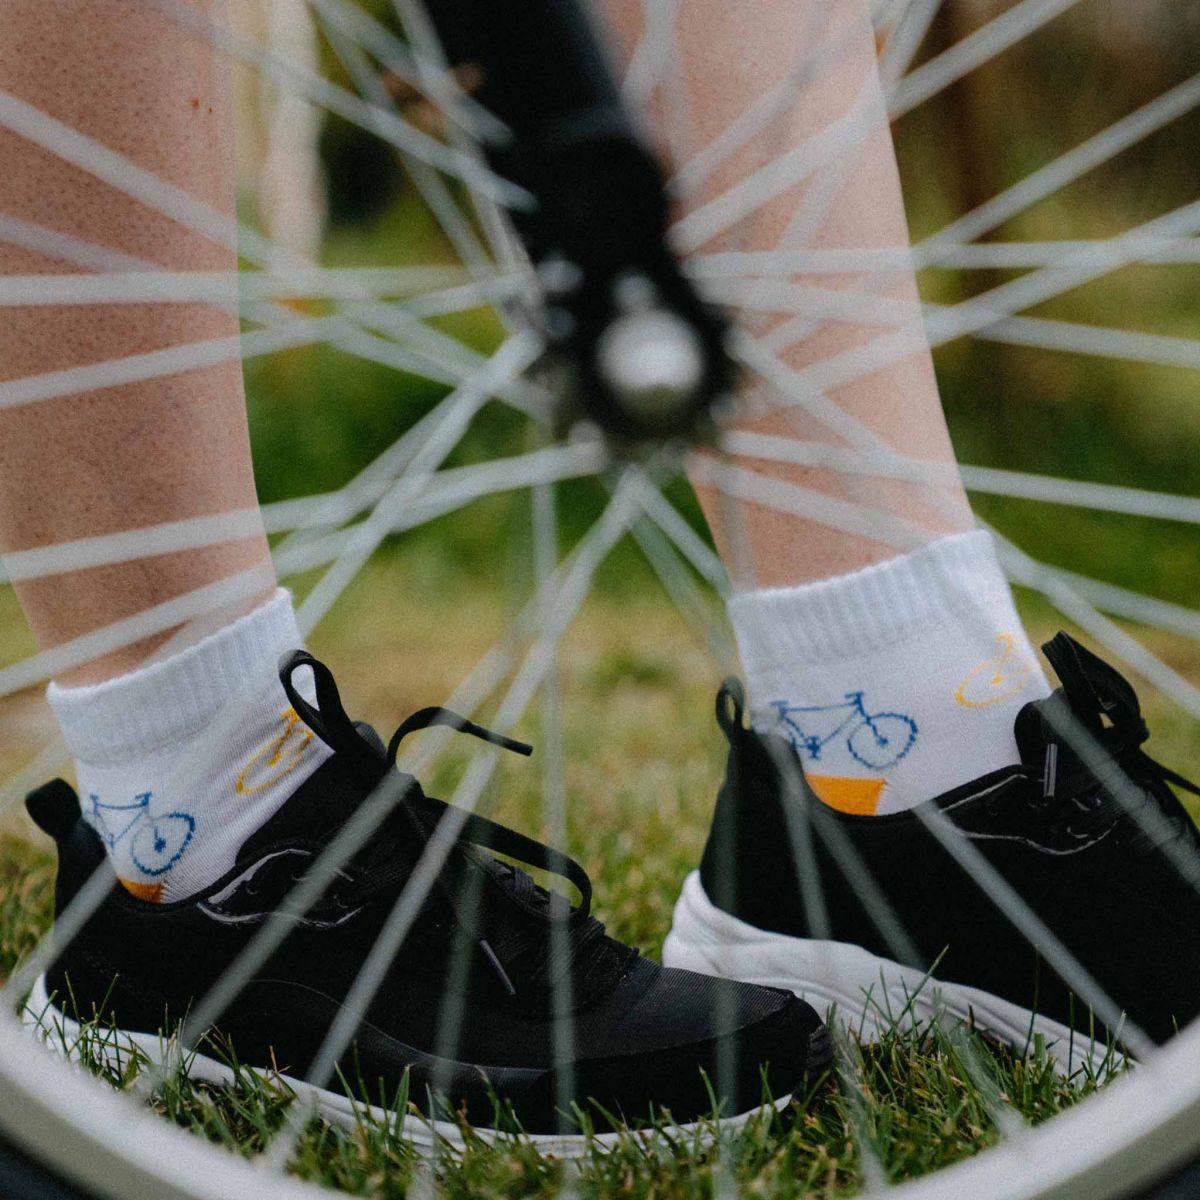 Ponožky - Kolo nízké p1